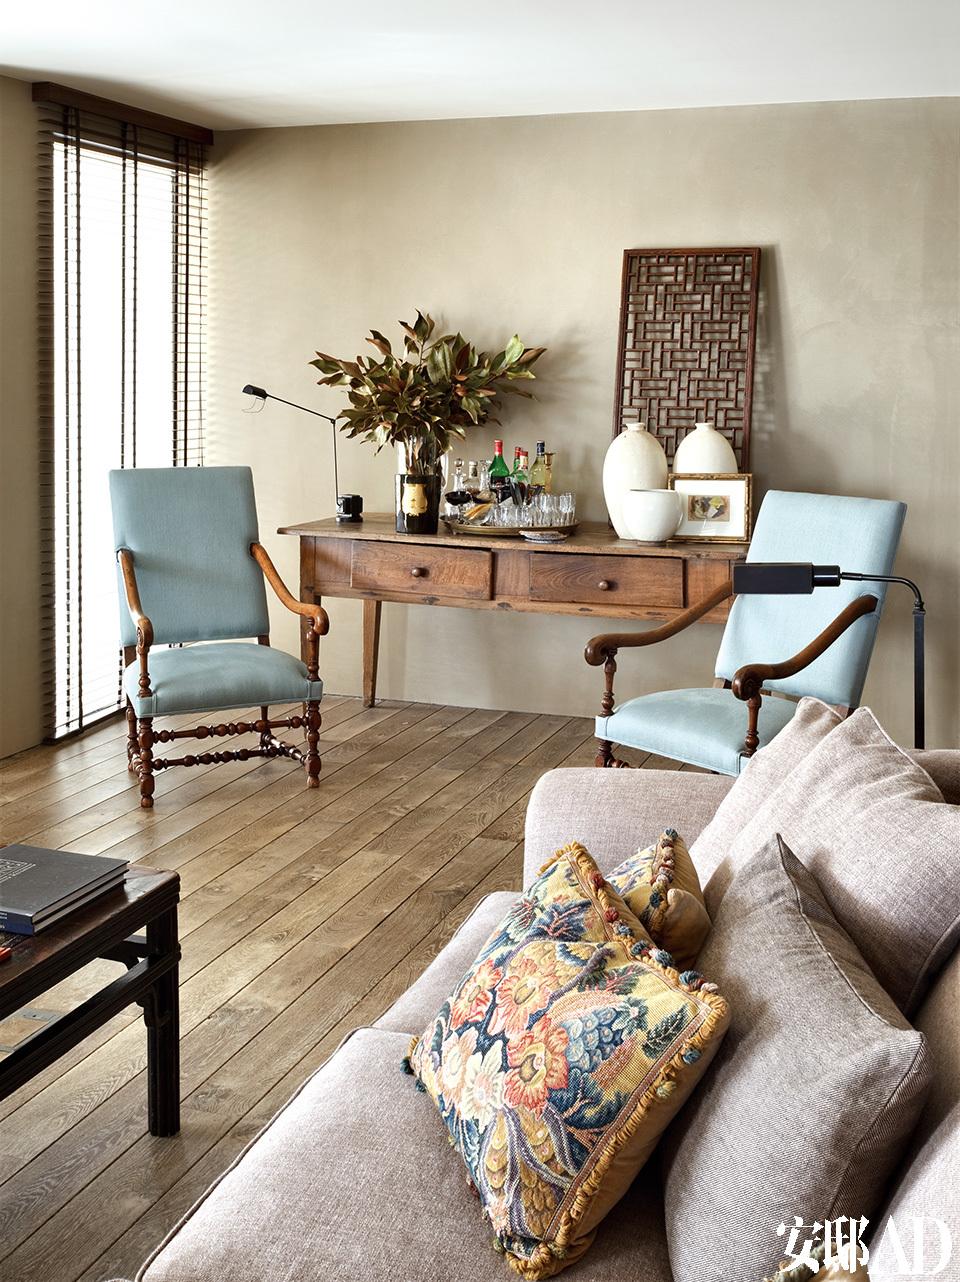 起居室一角放了两张法式扶手椅,旁边是19世纪西班牙方桌,上方以中式轩窗为装饰。